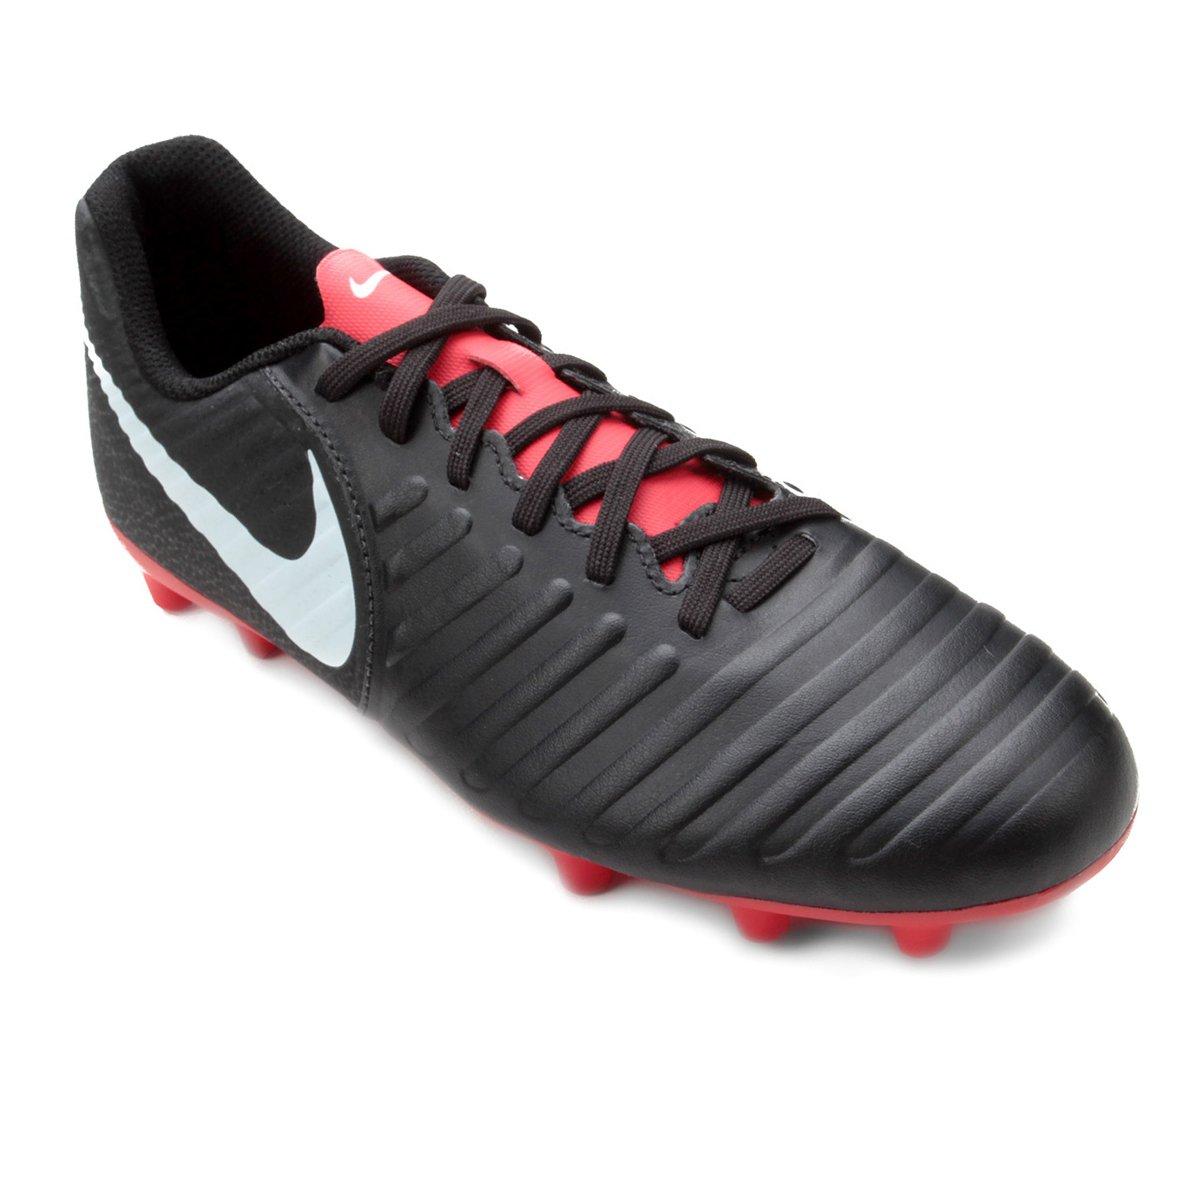 8a00b0843c Chuteira Campo Nike Tiempo Legend 7 Club FG - Preto - Compre Agora ...